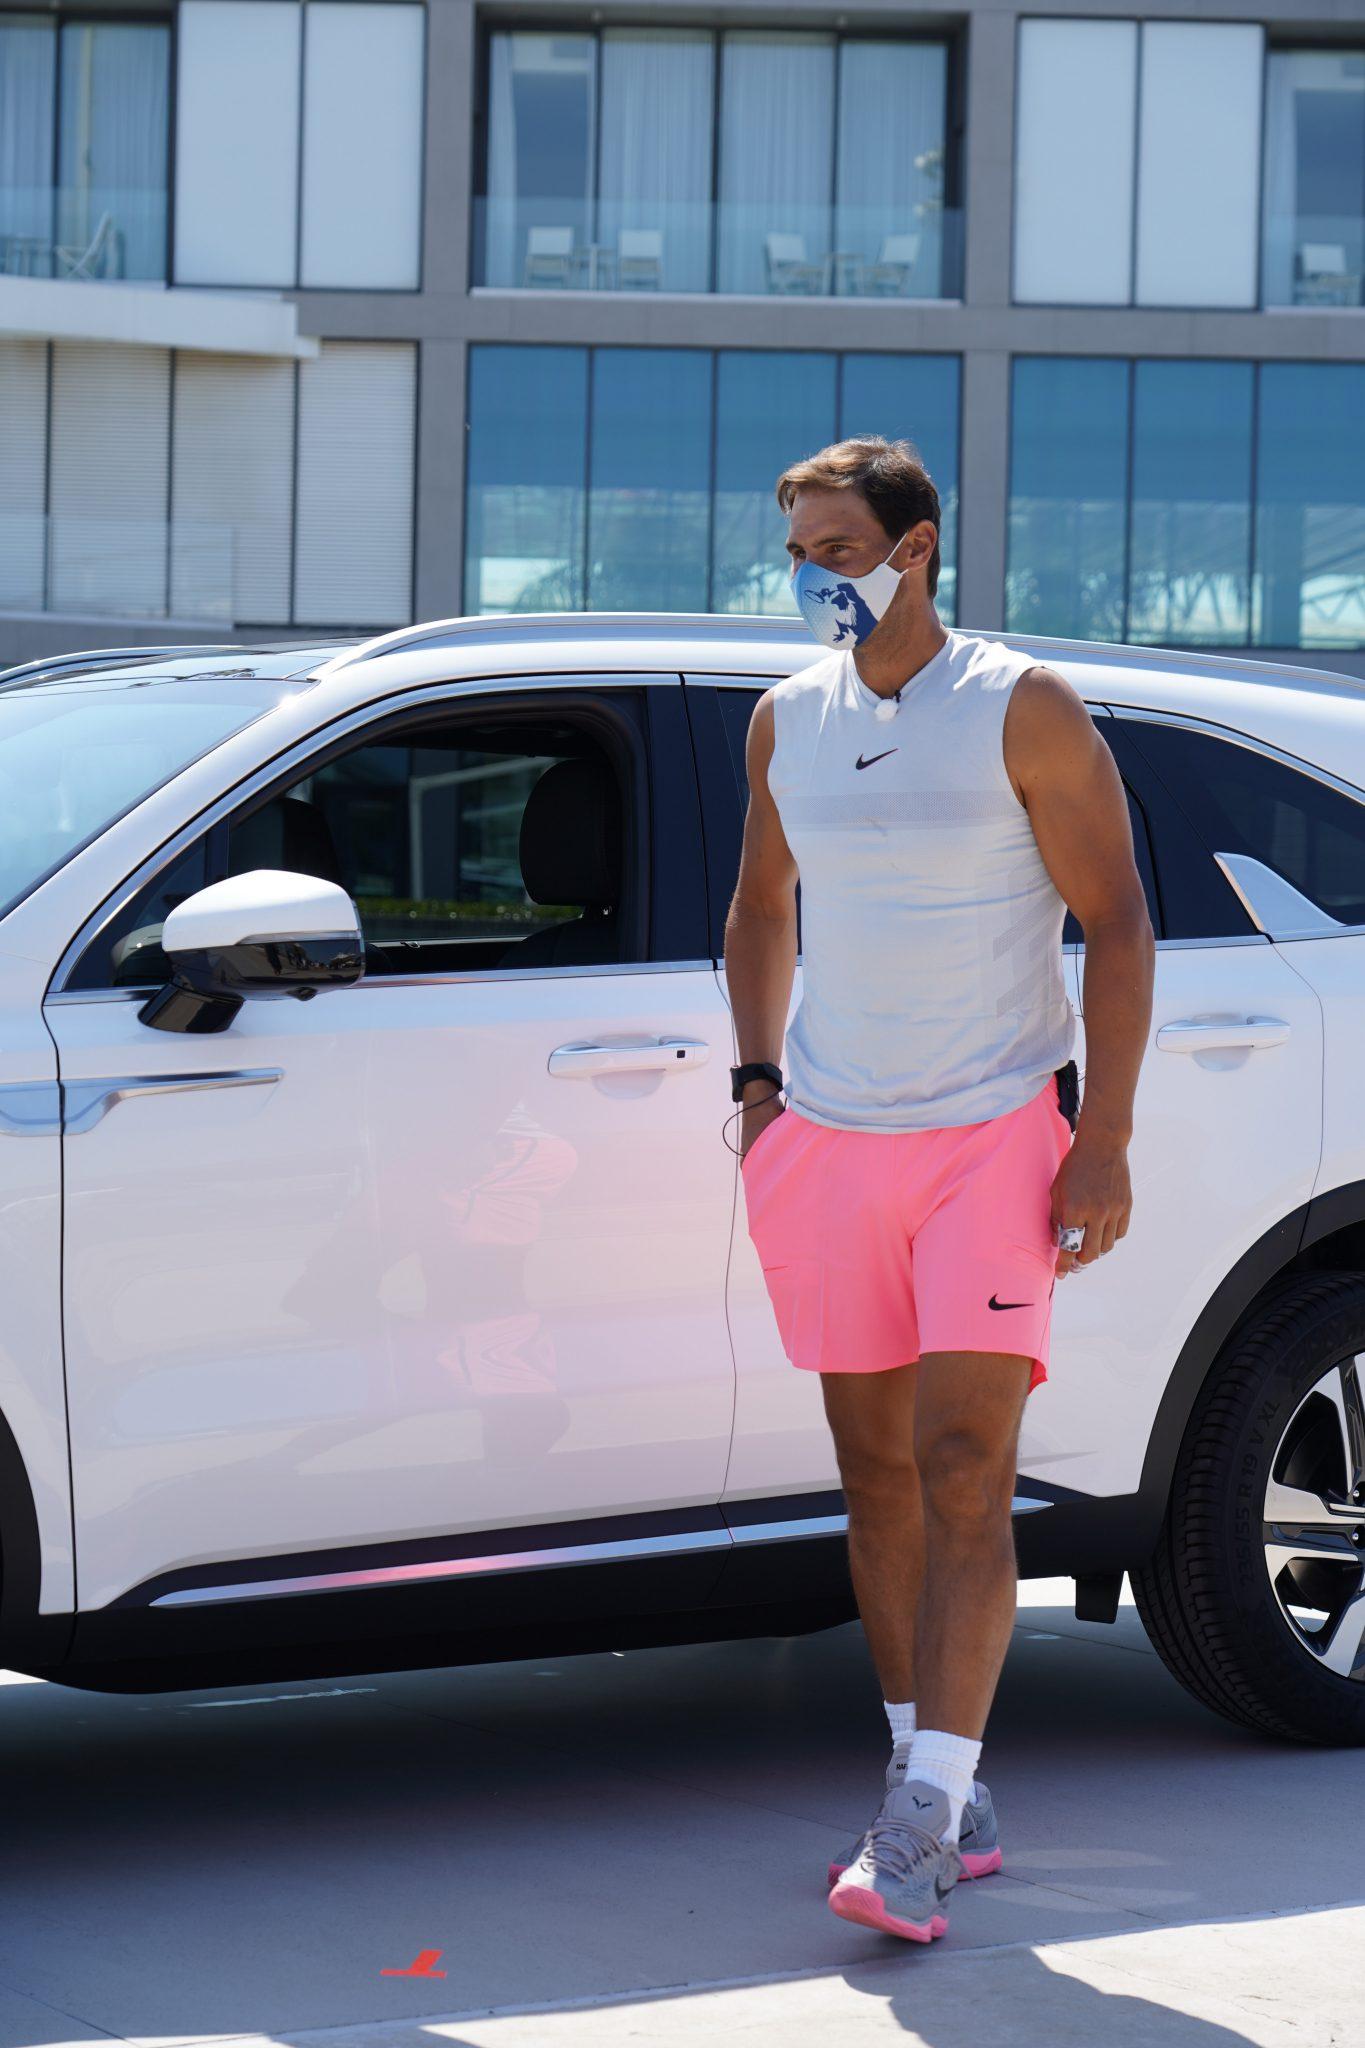 Rafa Nadal durante la sesión de entrenamiento en directo en la que firmó con Kia Motors la ampliación del acuerdo de patrocinio por cinco años